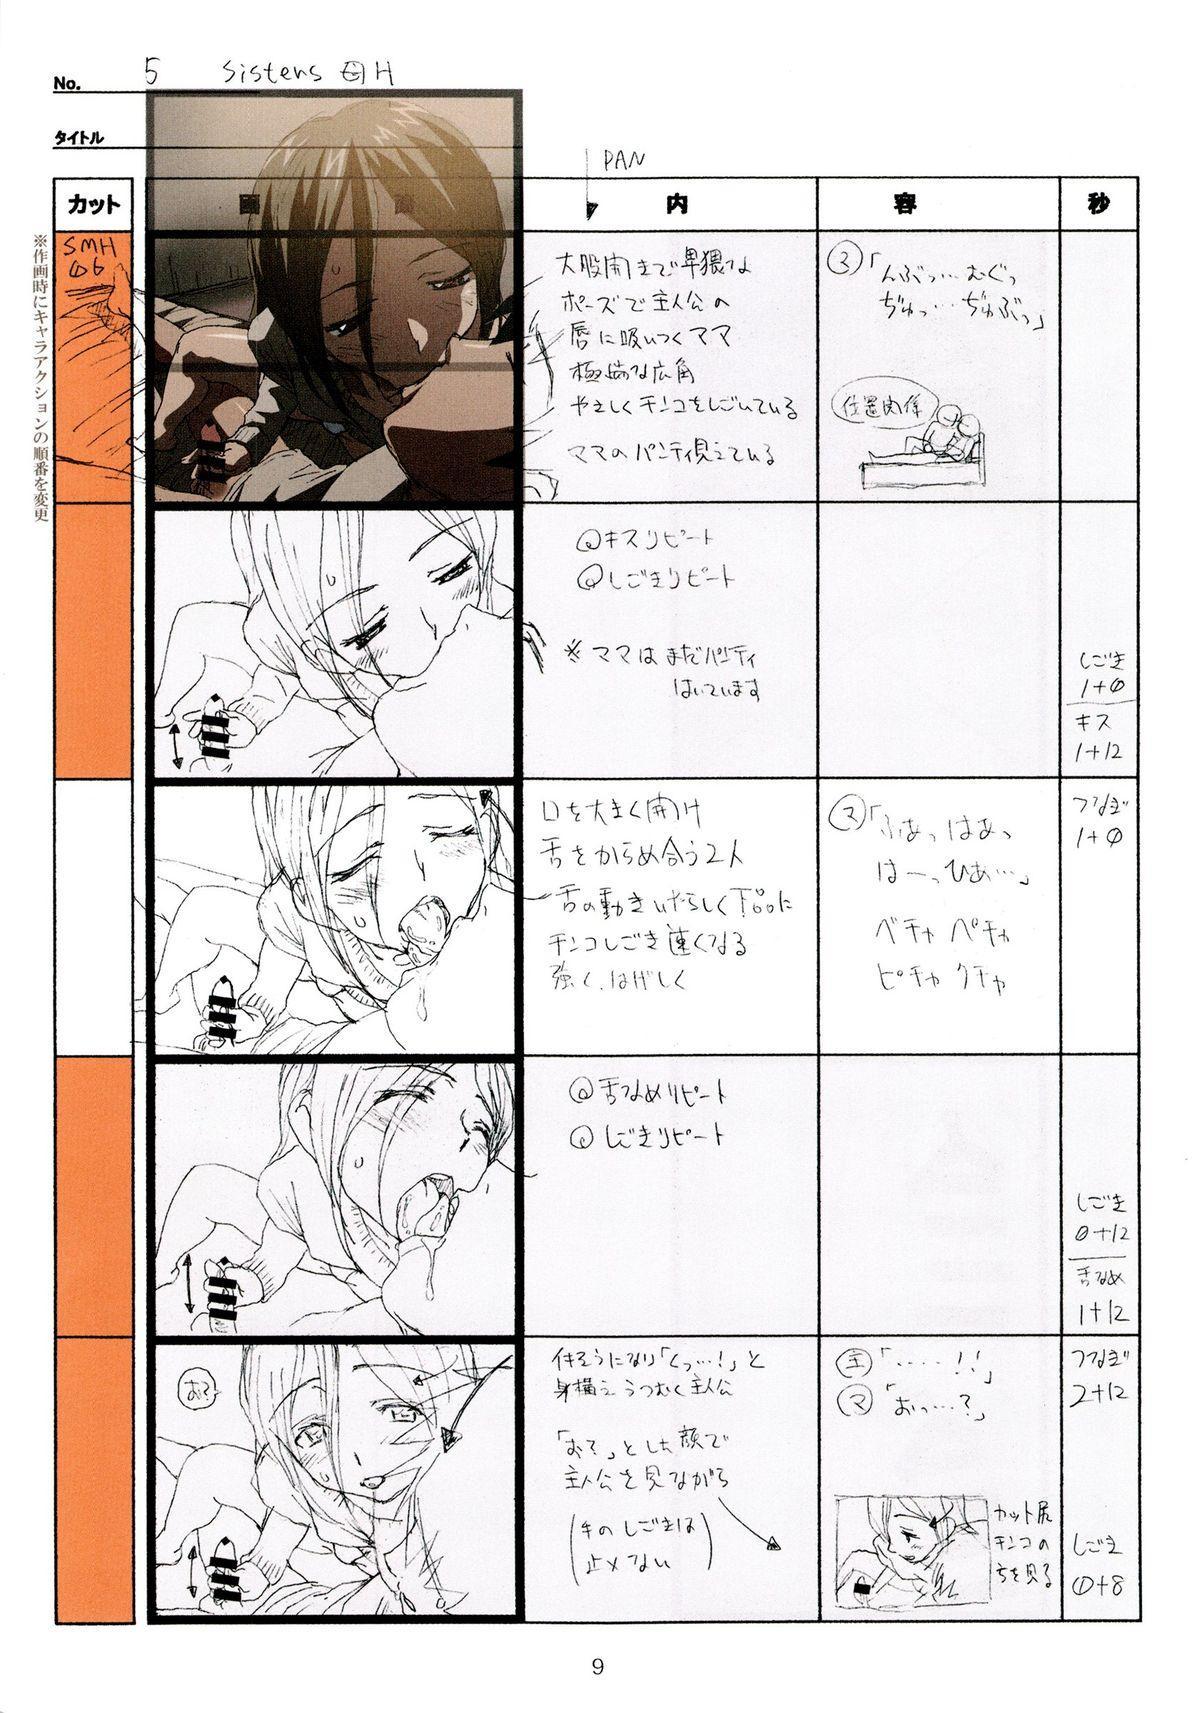 (C89) [Makino Jimusho (Taki Minashika)] SISTERS -Natsu no Saigo no Hi- H Scene All Part Storyboard (SISTERS -Natsu no Saigo no Hi-) 8